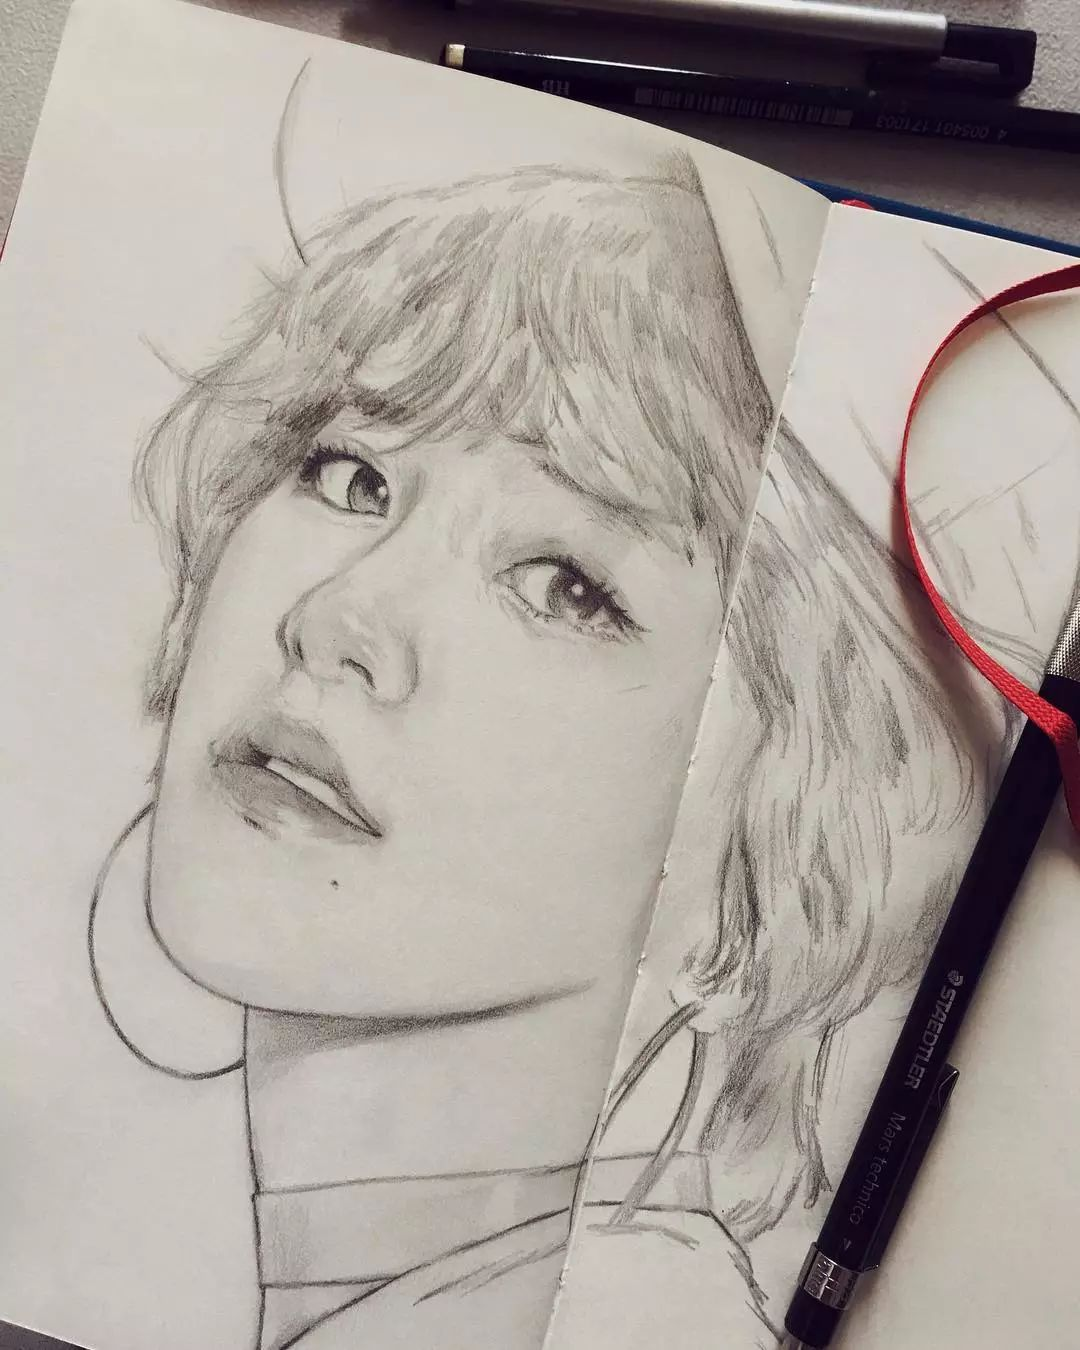 铅笔手绘性感